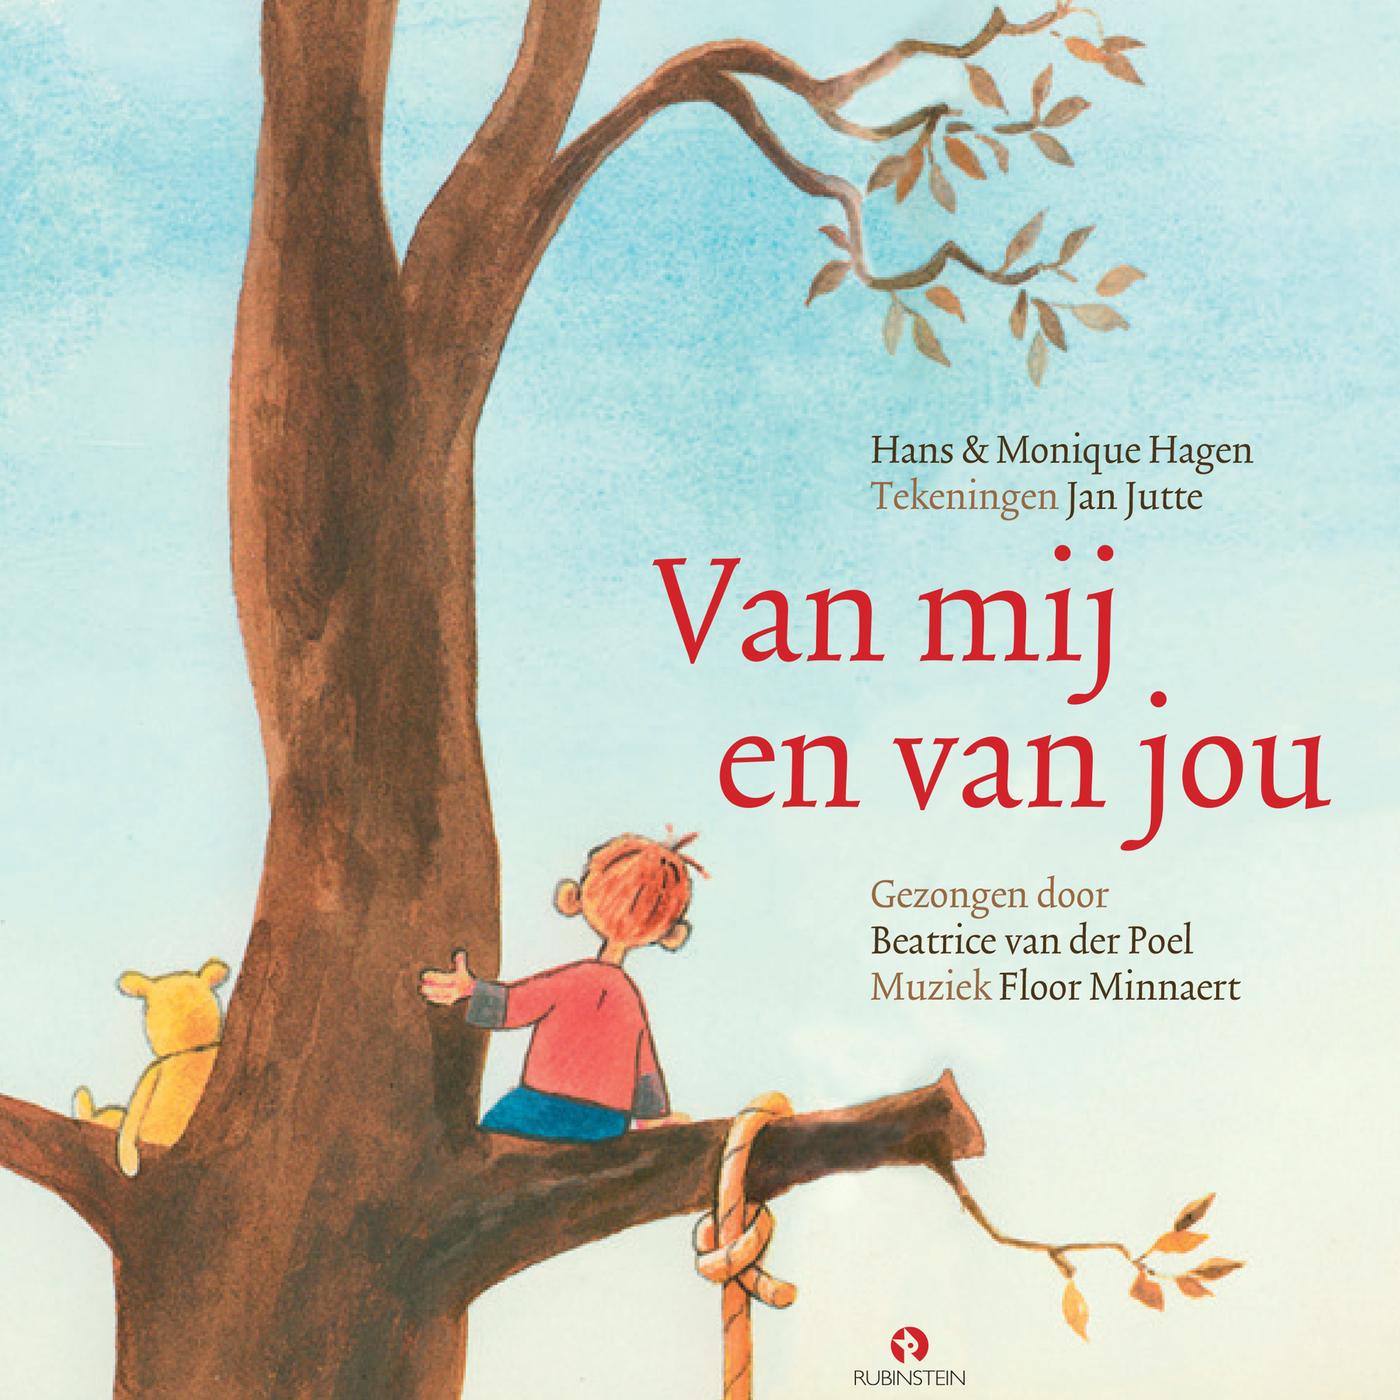 Van mij en van jou - Beatrice van der Poel